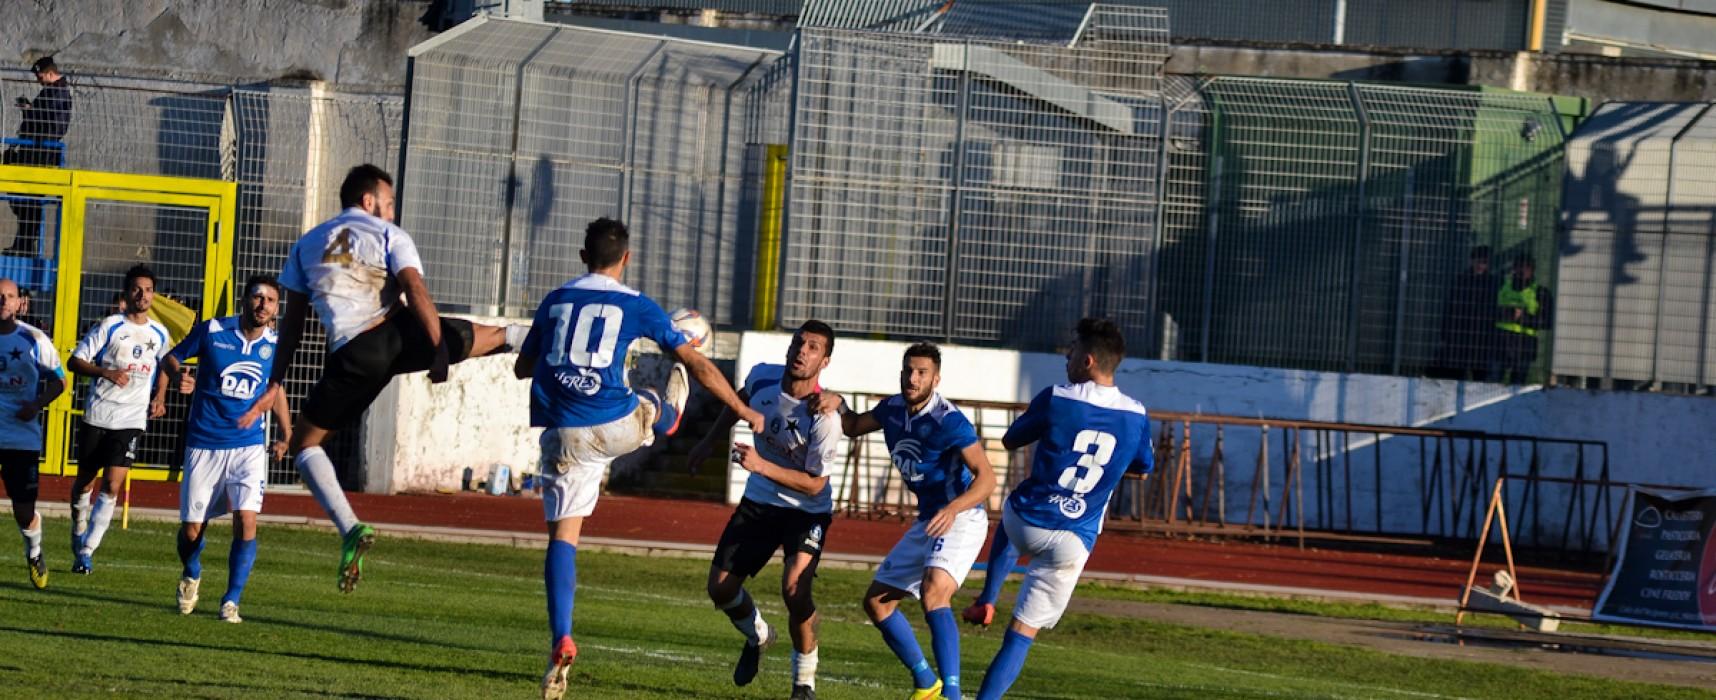 Il Bisceglie, blindati i playoff, rende visita alla capolista già in Lega Pro